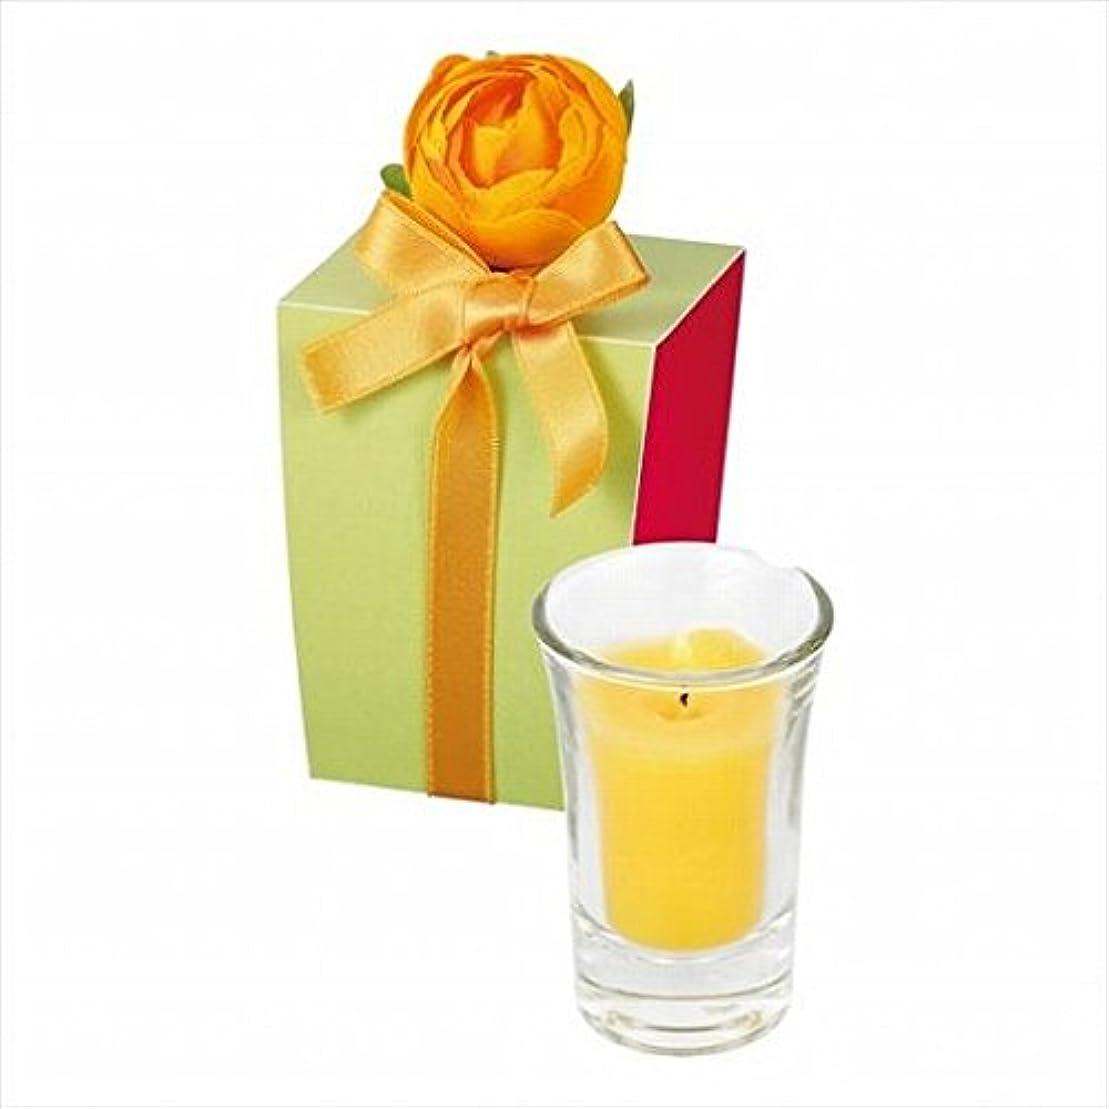 バイパス批判持っているkameyama candle(カメヤマキャンドル) ラナンキュラスグラスキャンドル 「 イエロー 」(A9390500Y)